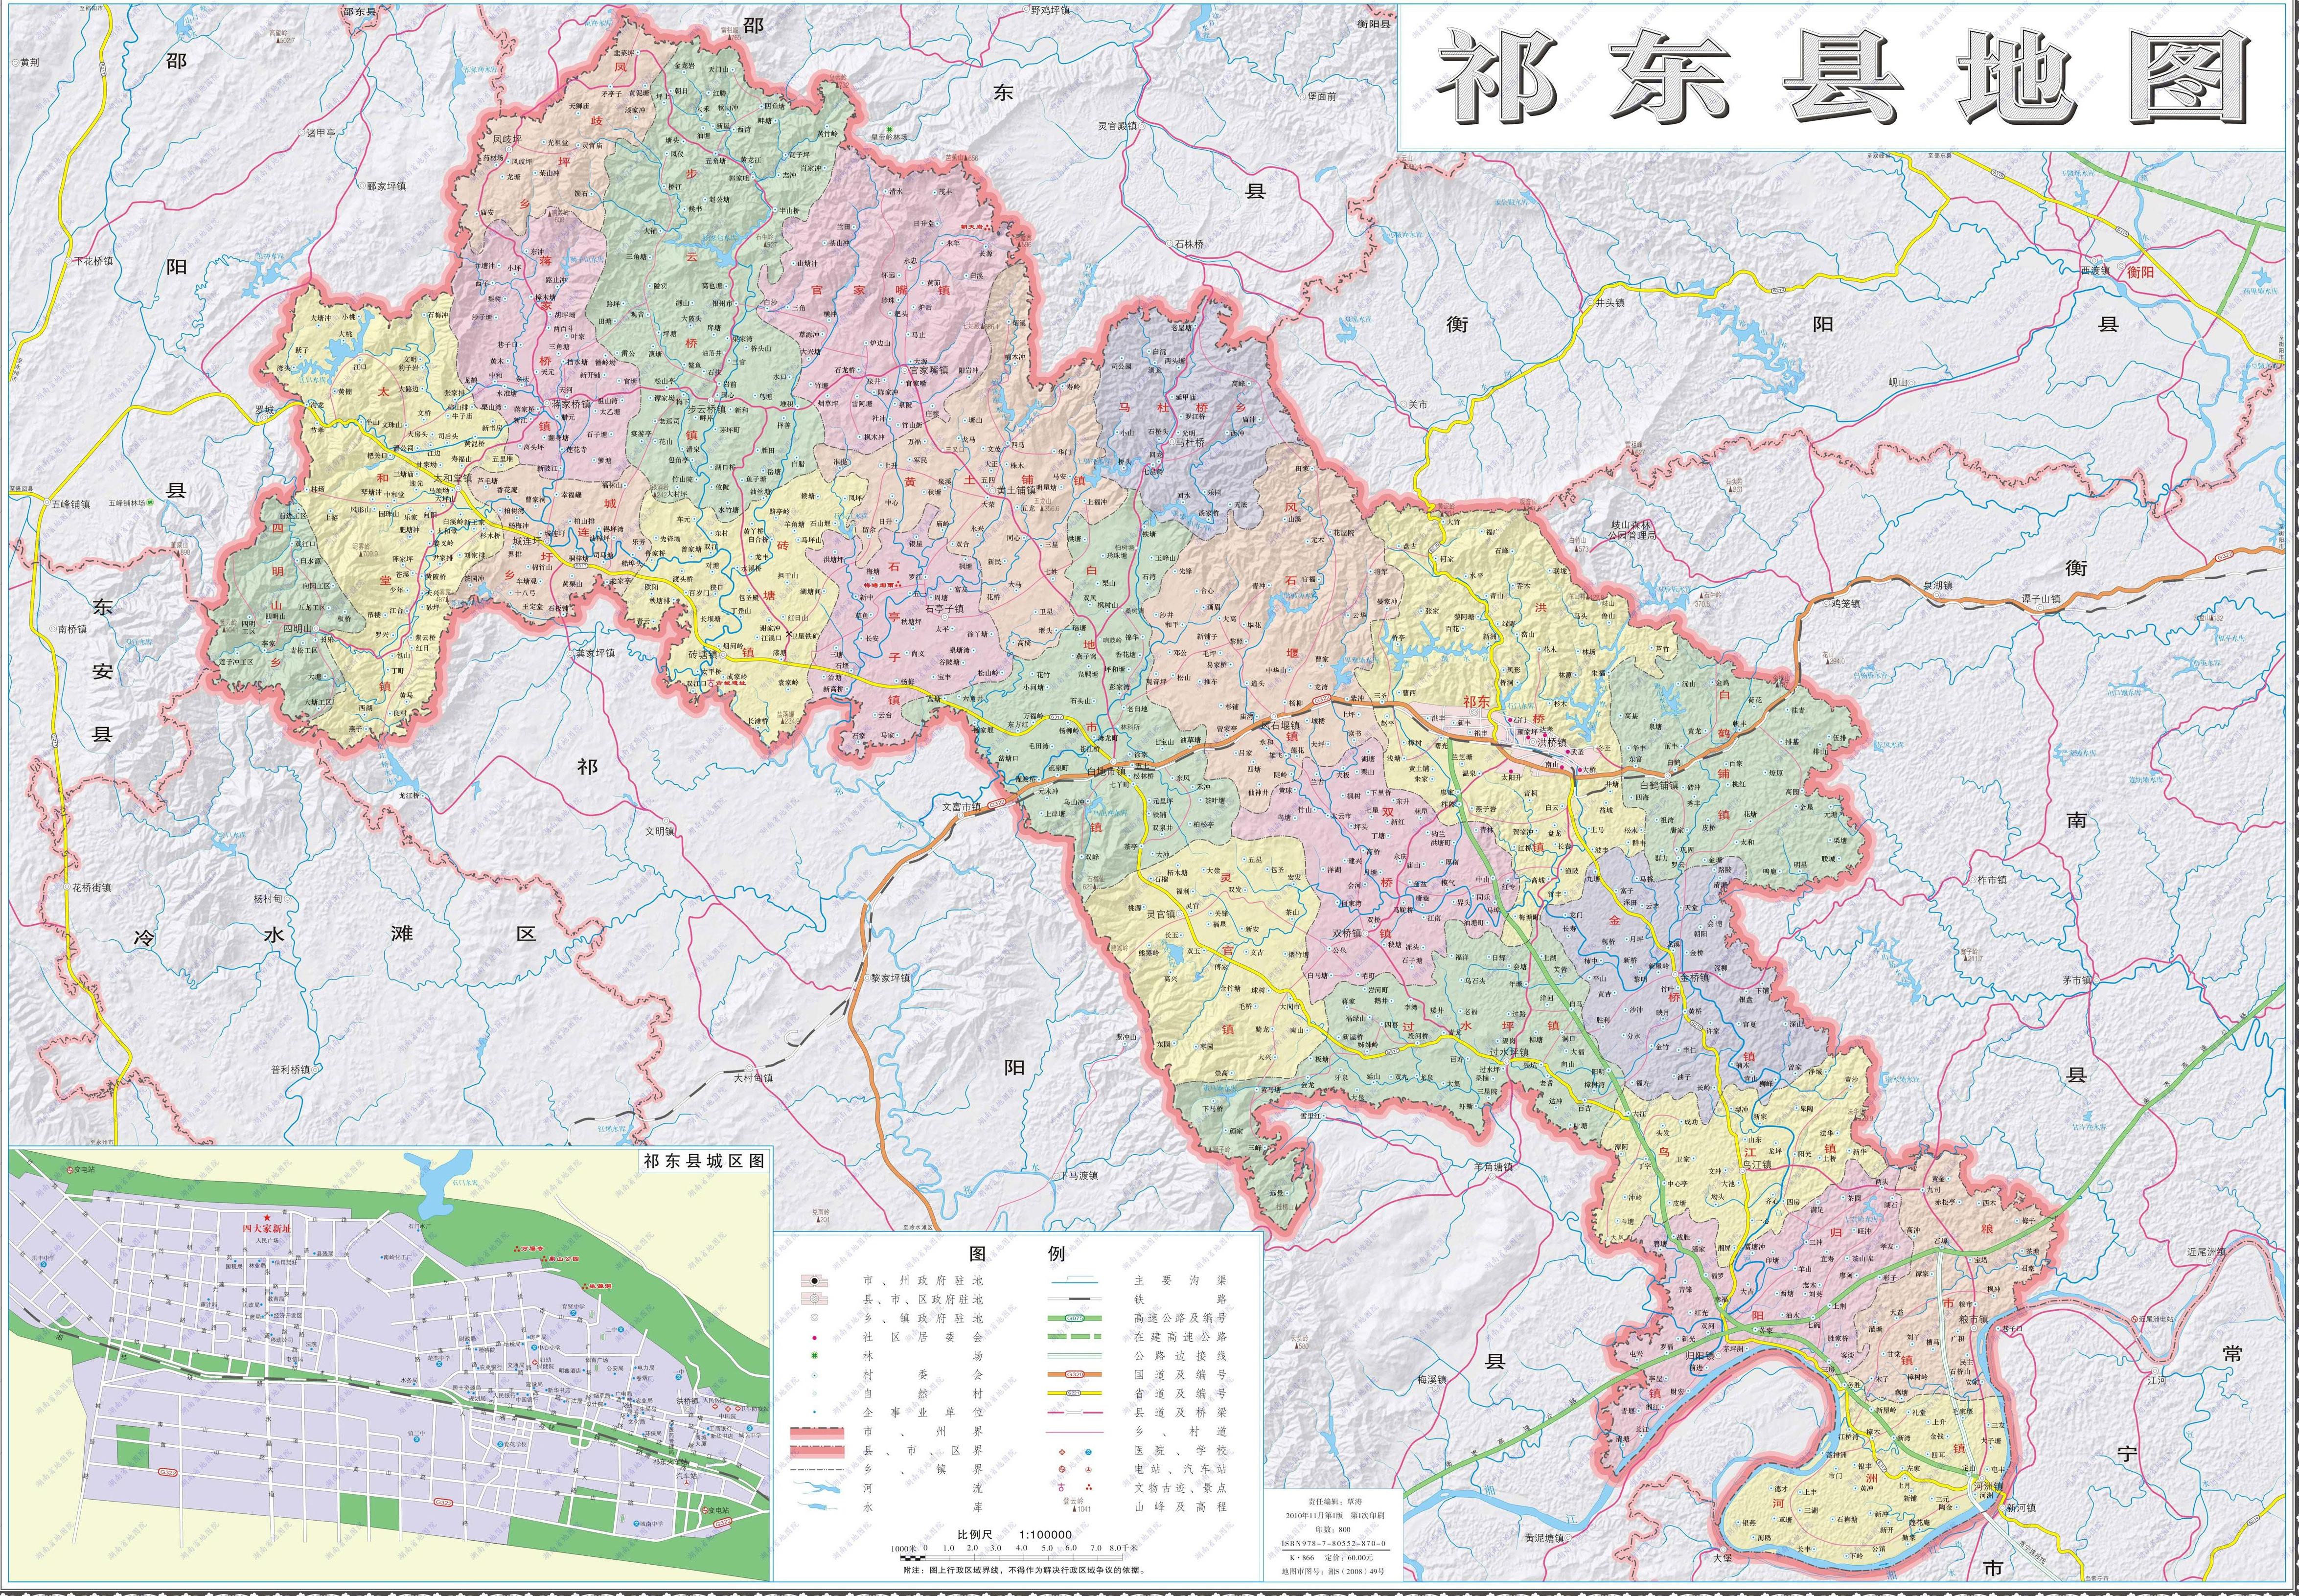 衡阳市-祁东县地图高清版_衡阳地图库